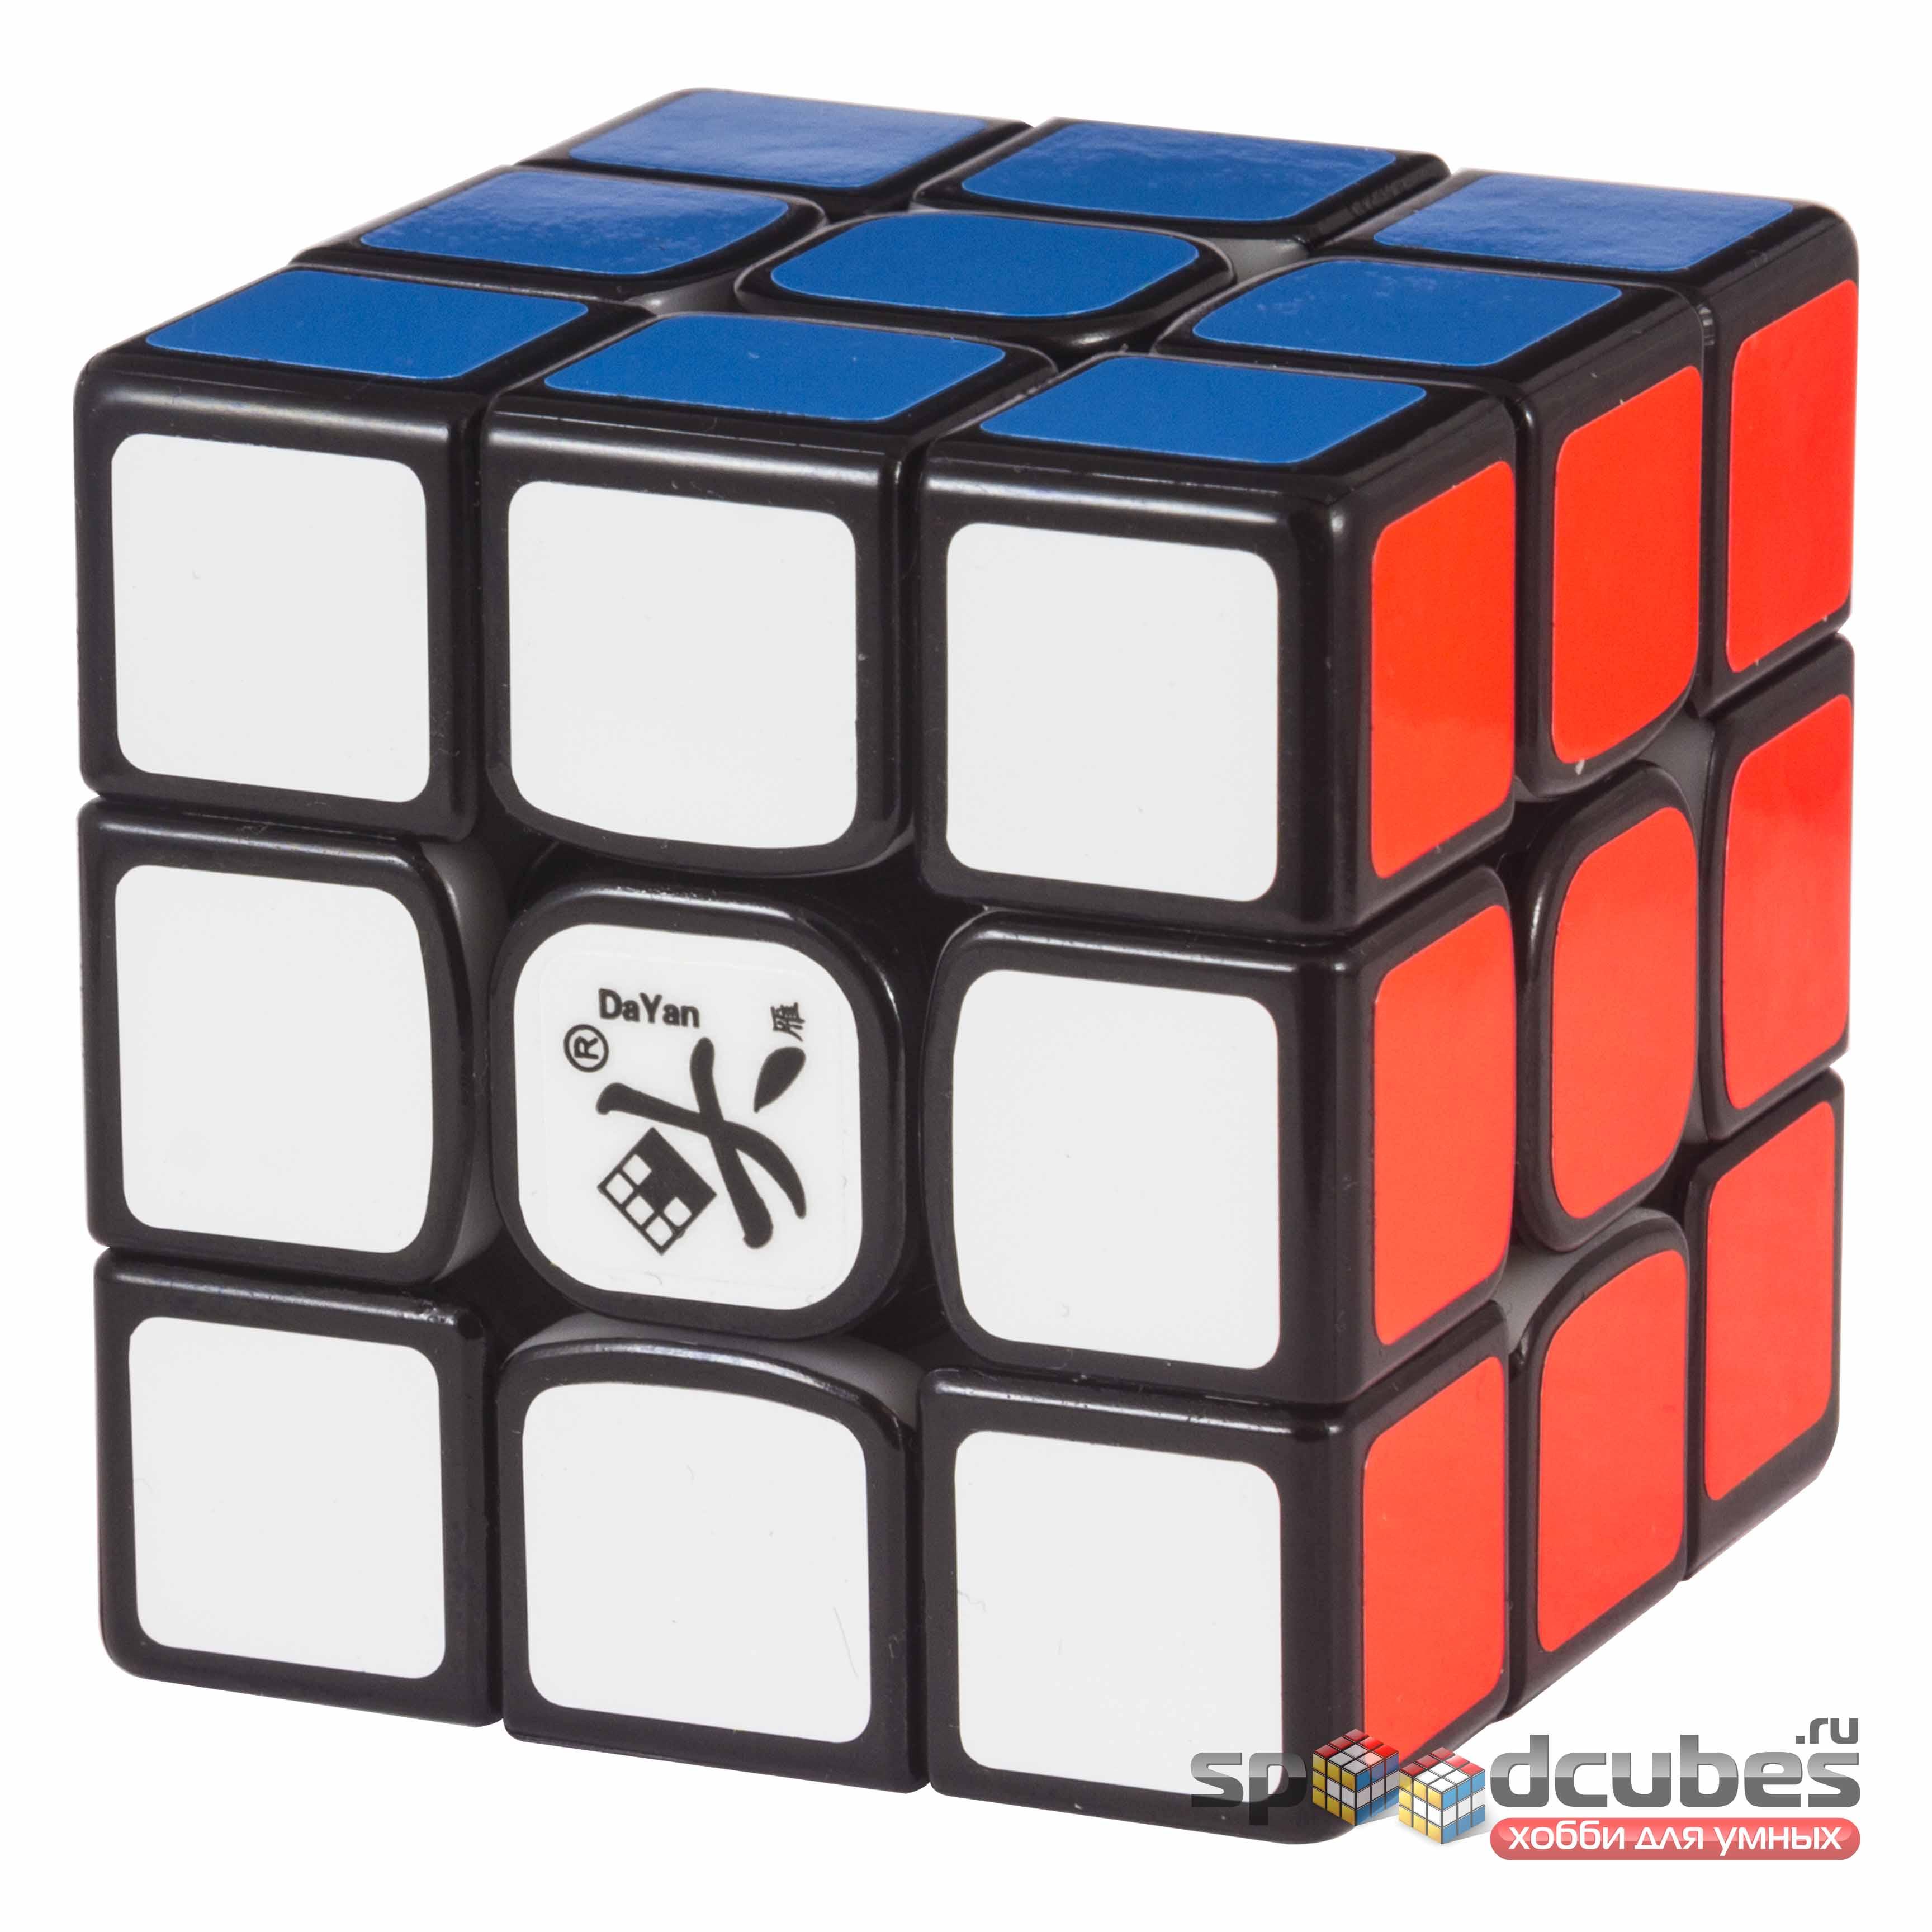 DaYan 3x3x3 TengYun M Black 2